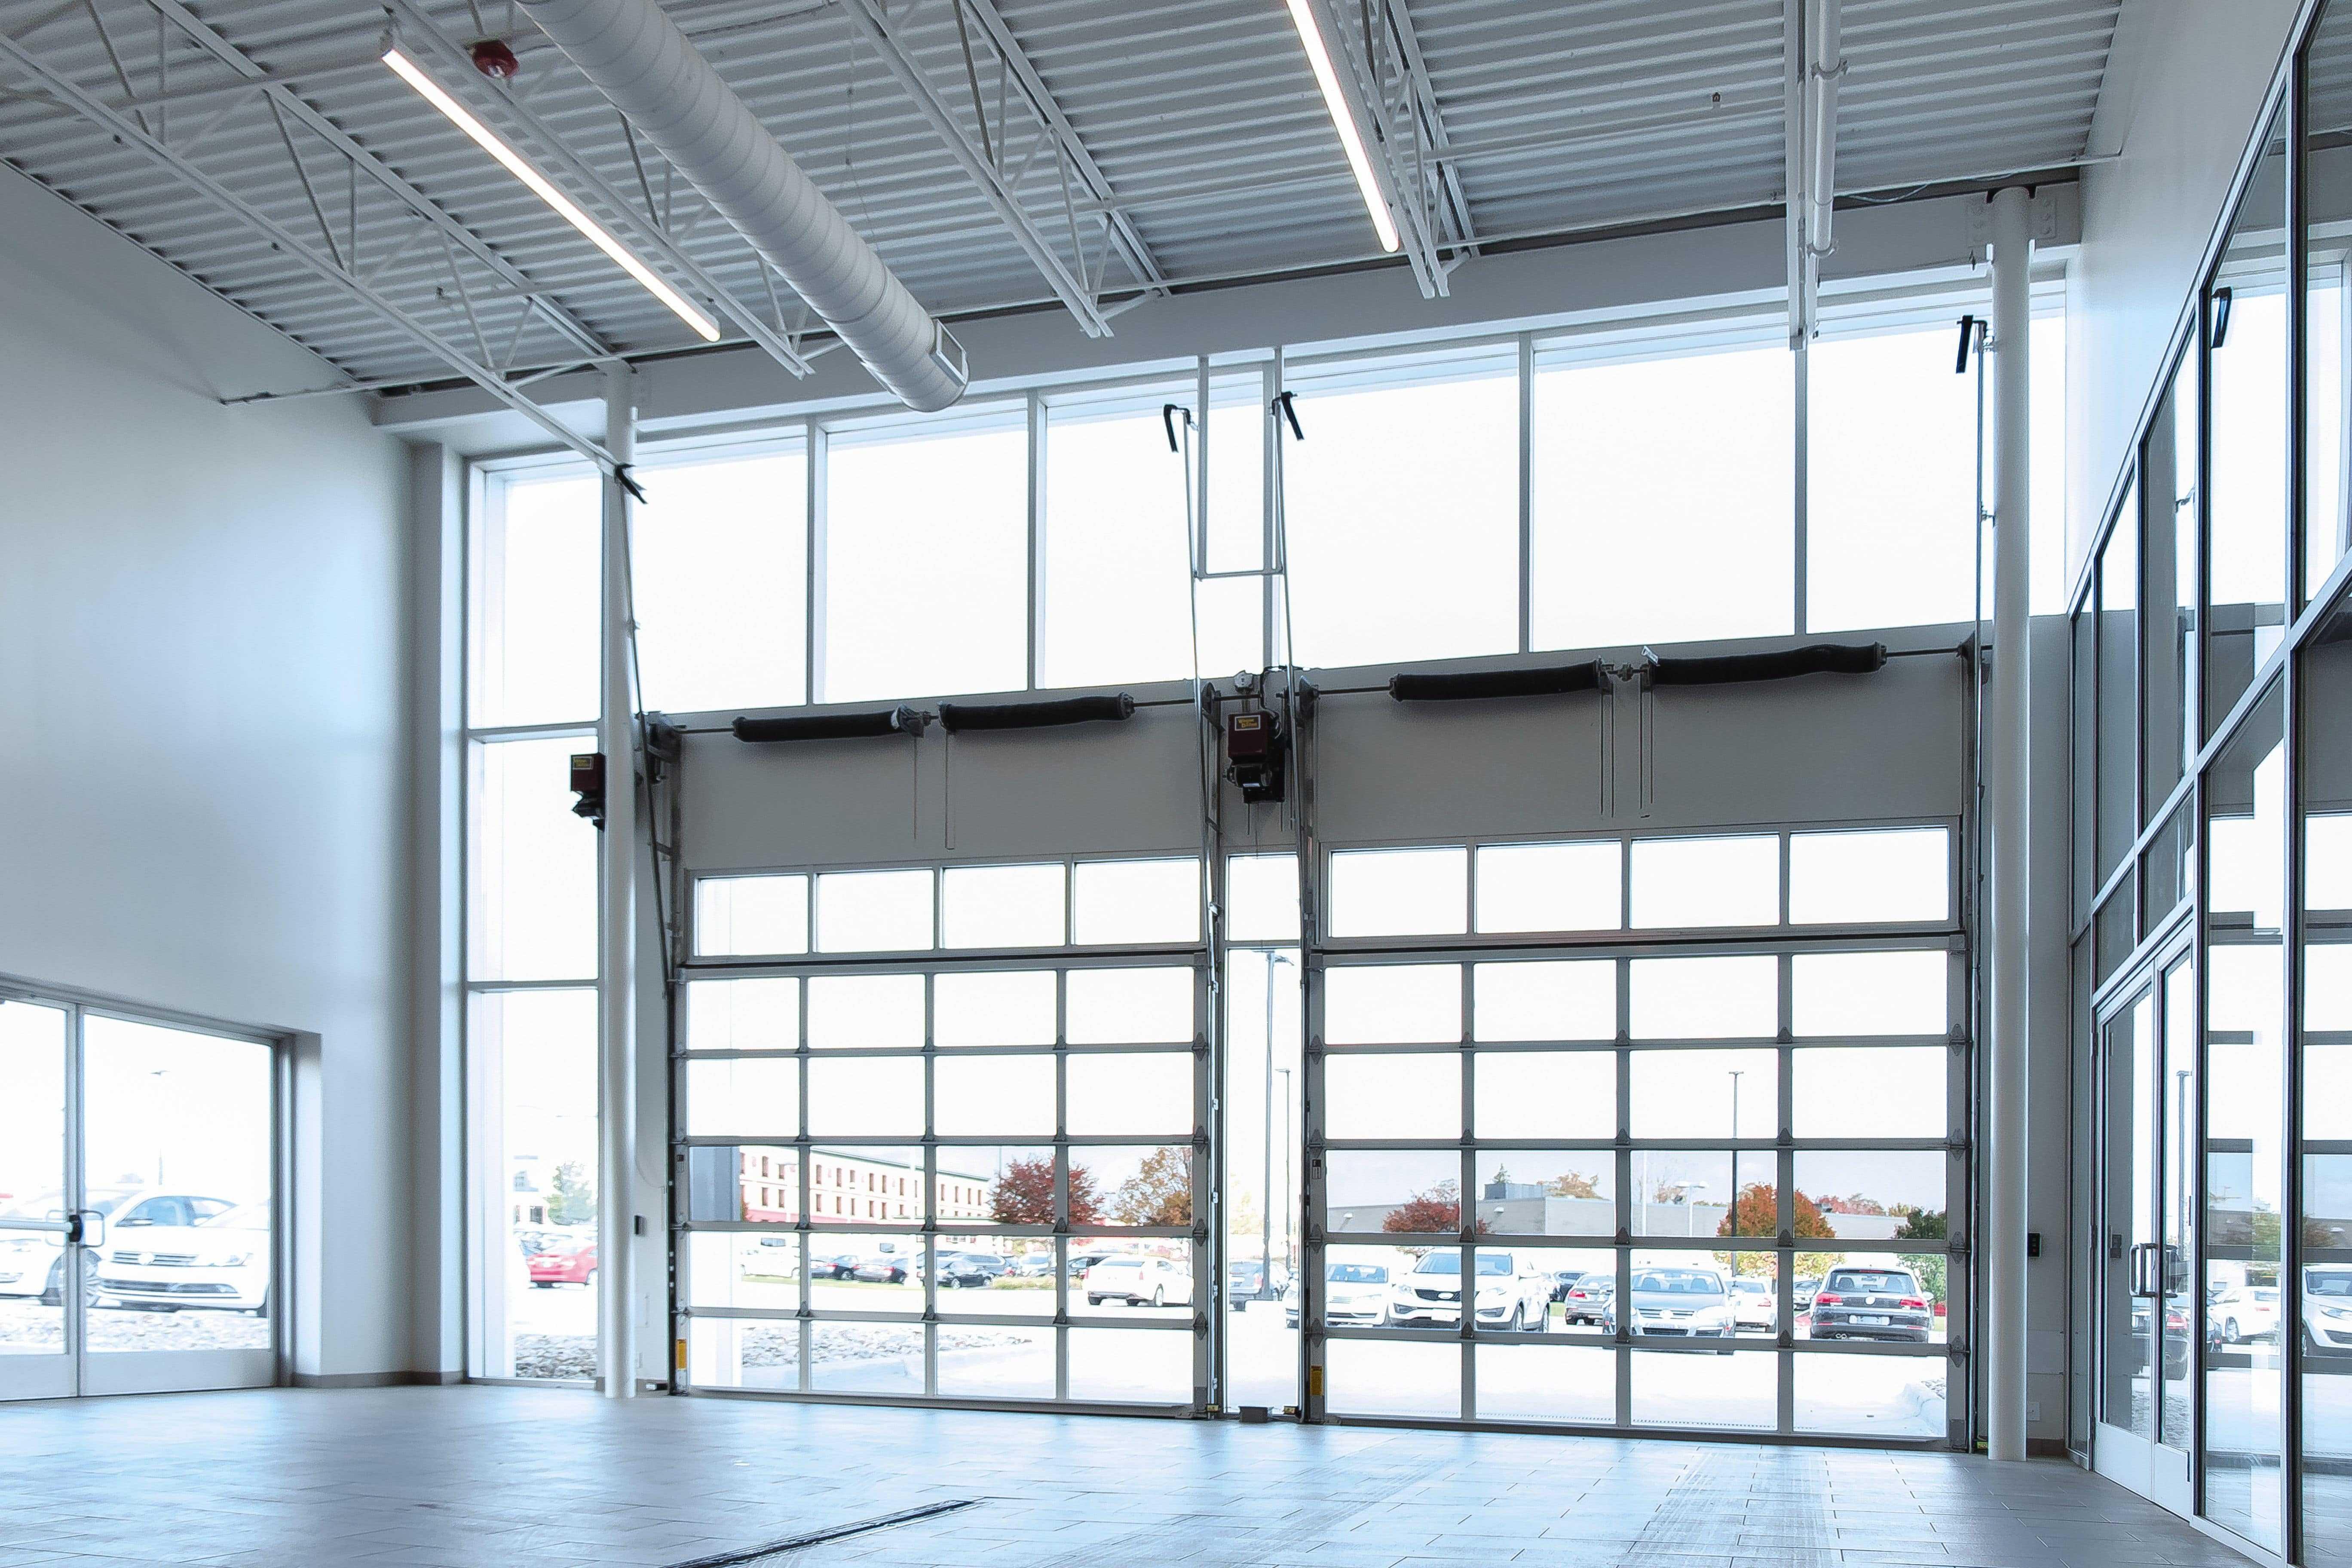 big-bright-overhead-sectional-doors-min.jpeg?mtime=20210419075636#asset:23373